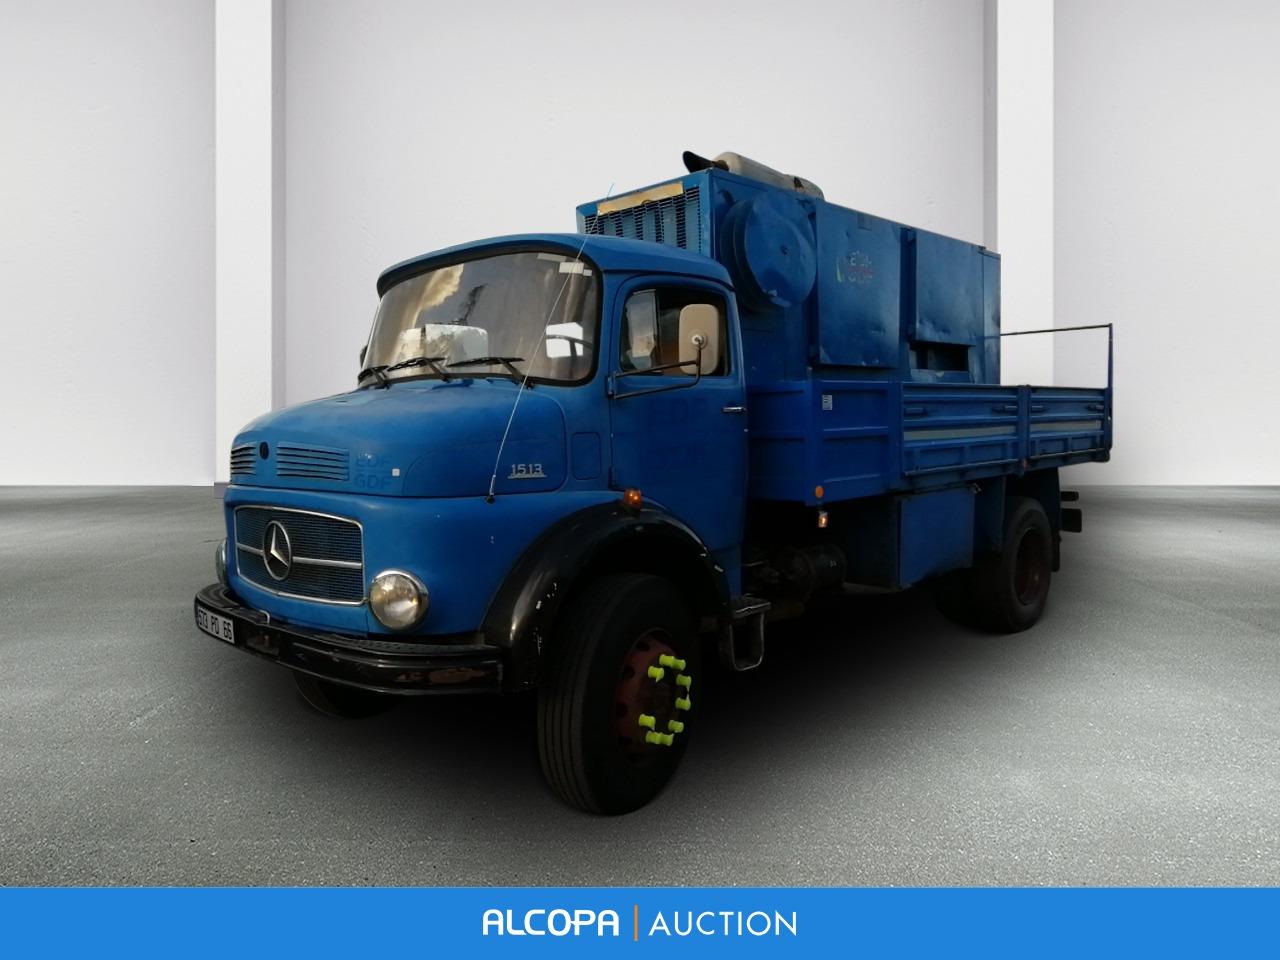 Mercedes Camion 1513 4x4 Plateau Avec Groupe Electrogene Alcopa Auction